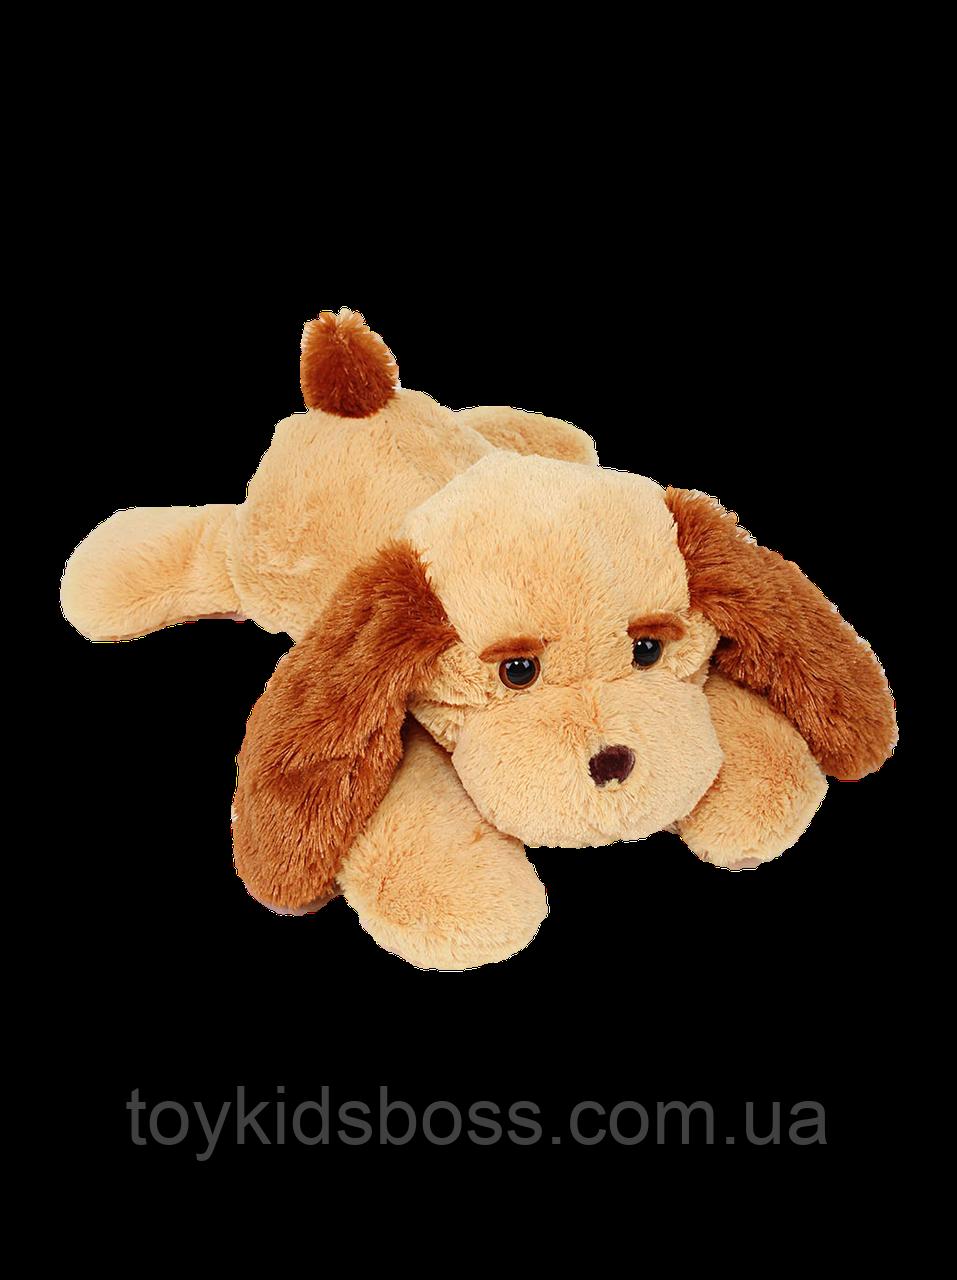 Плюшевая Собака Тузик 65 см медово-коричневый